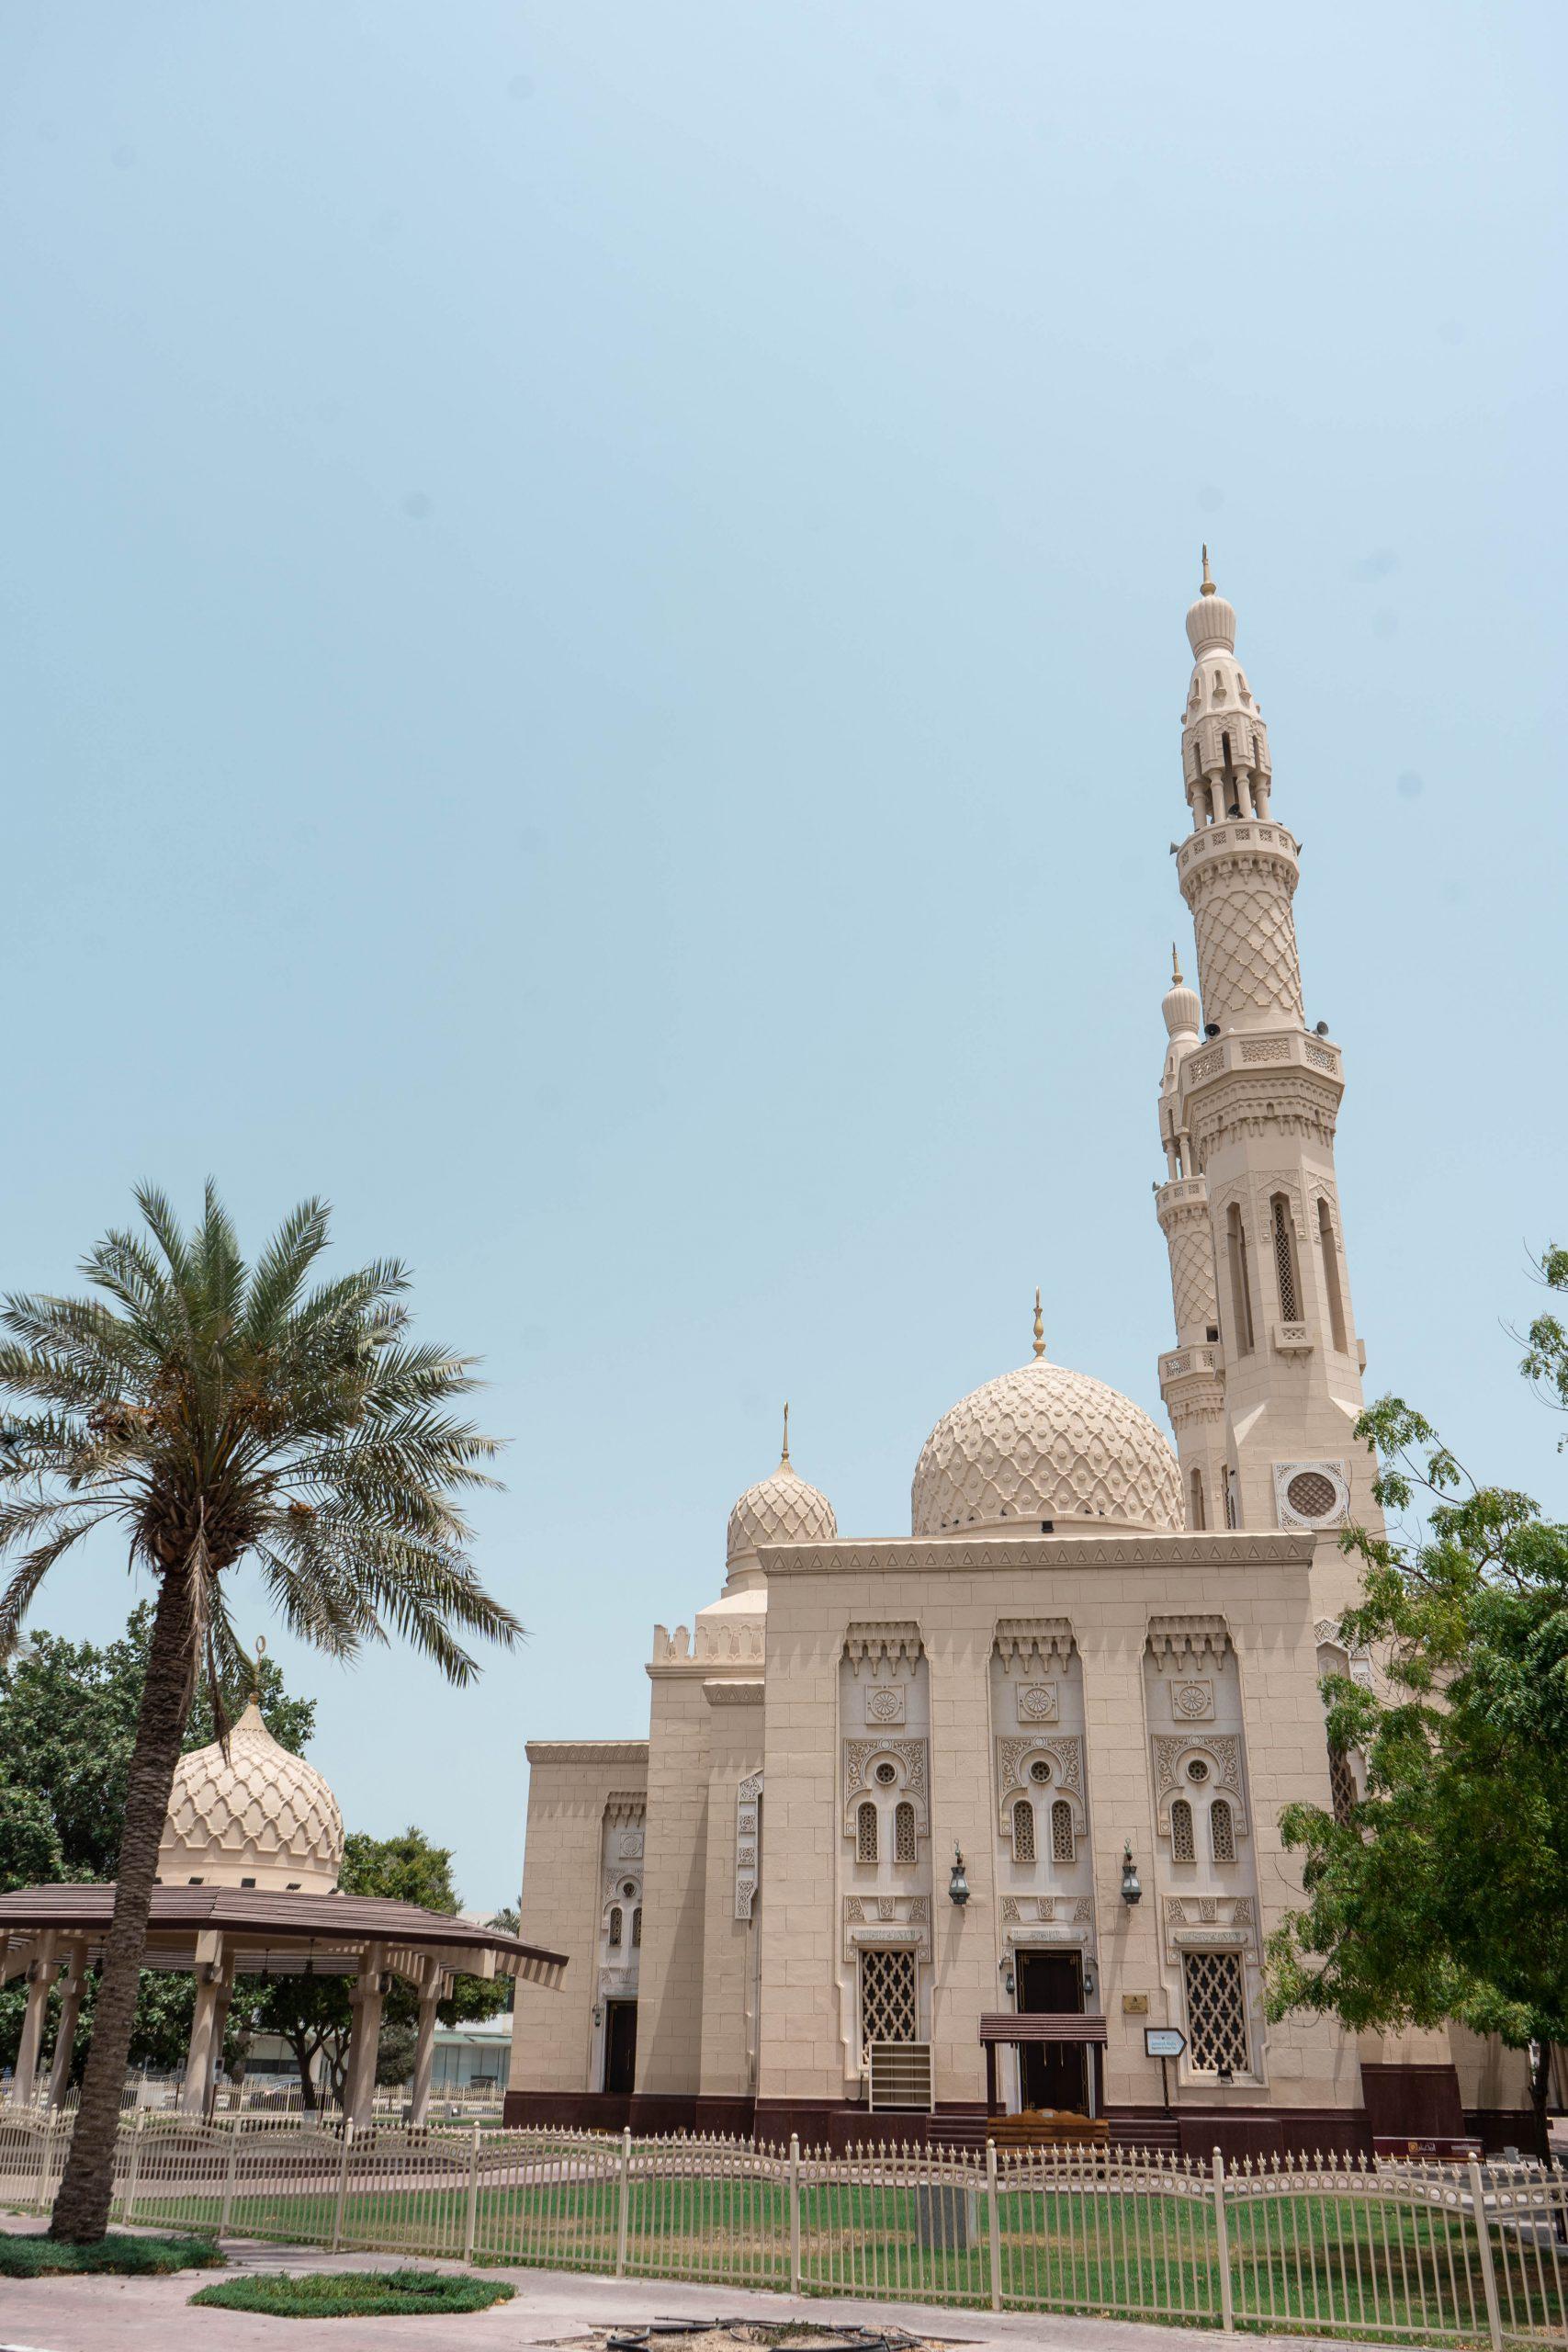 jumeirah mosque exterior dubai fatimid architecture united arab emirates uae date tree dome minaret masjid